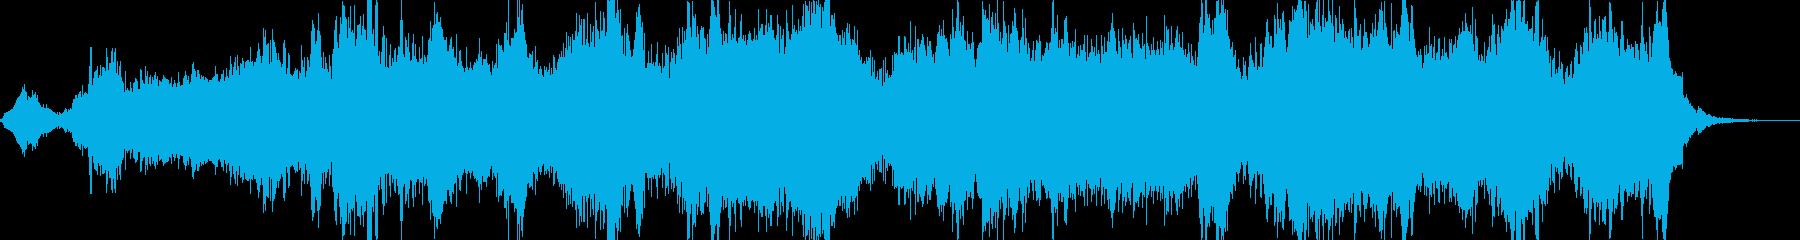 眠くなるアルファ波がでる癒しの音楽の再生済みの波形